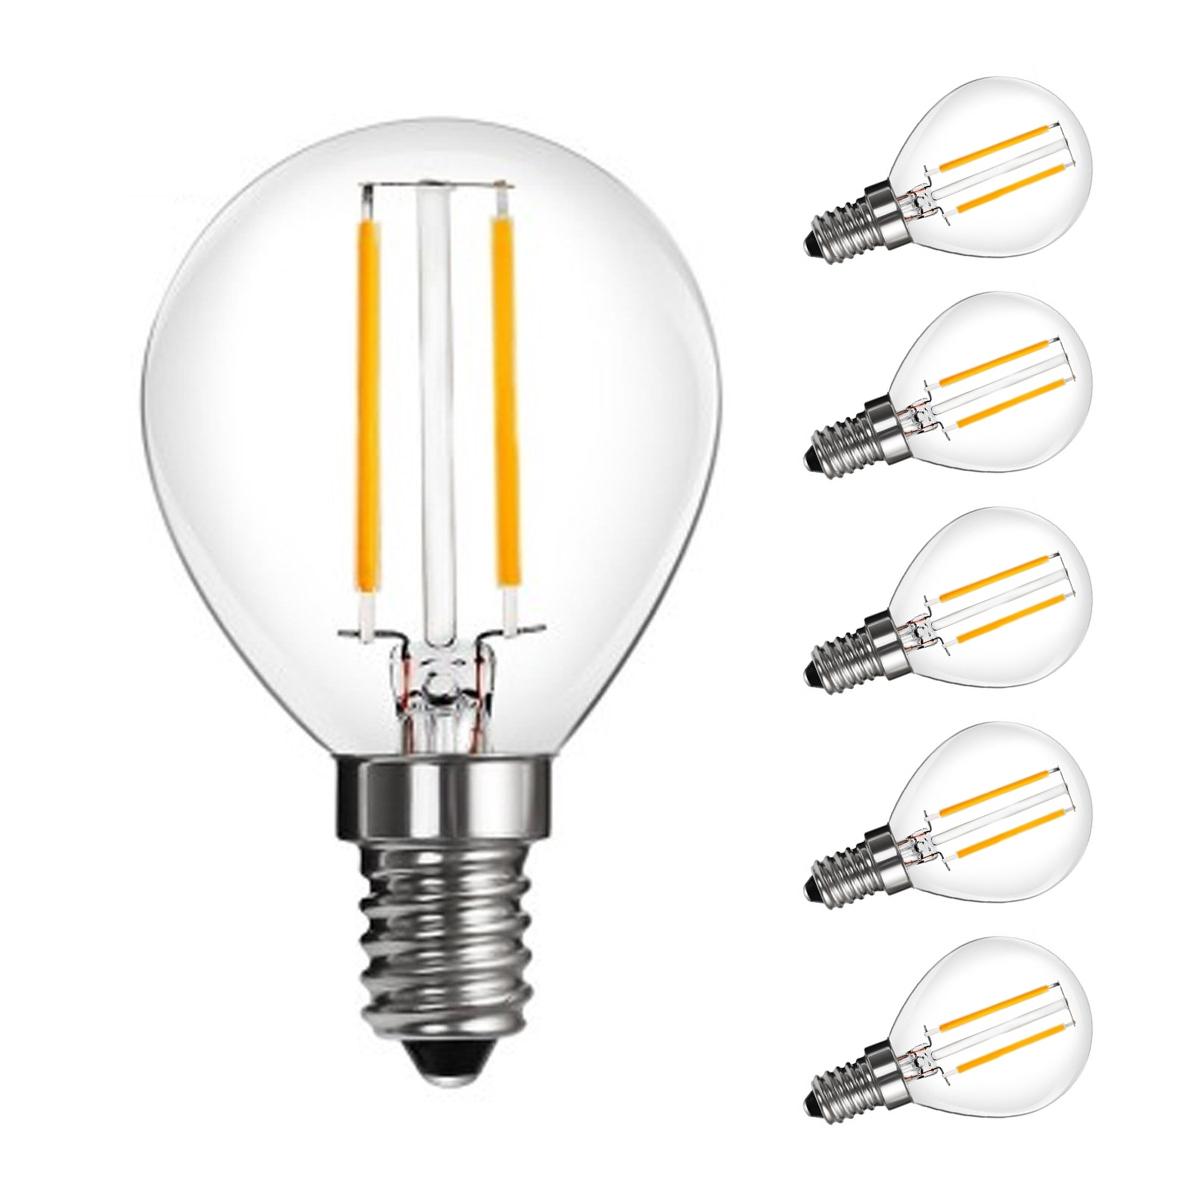 [Bündel] 2W LED P45 Birnen mit Glühfaden, 270lm, 360° Strahler, ersetzt 25W Glühlampe, Warmweiß, 5er Set